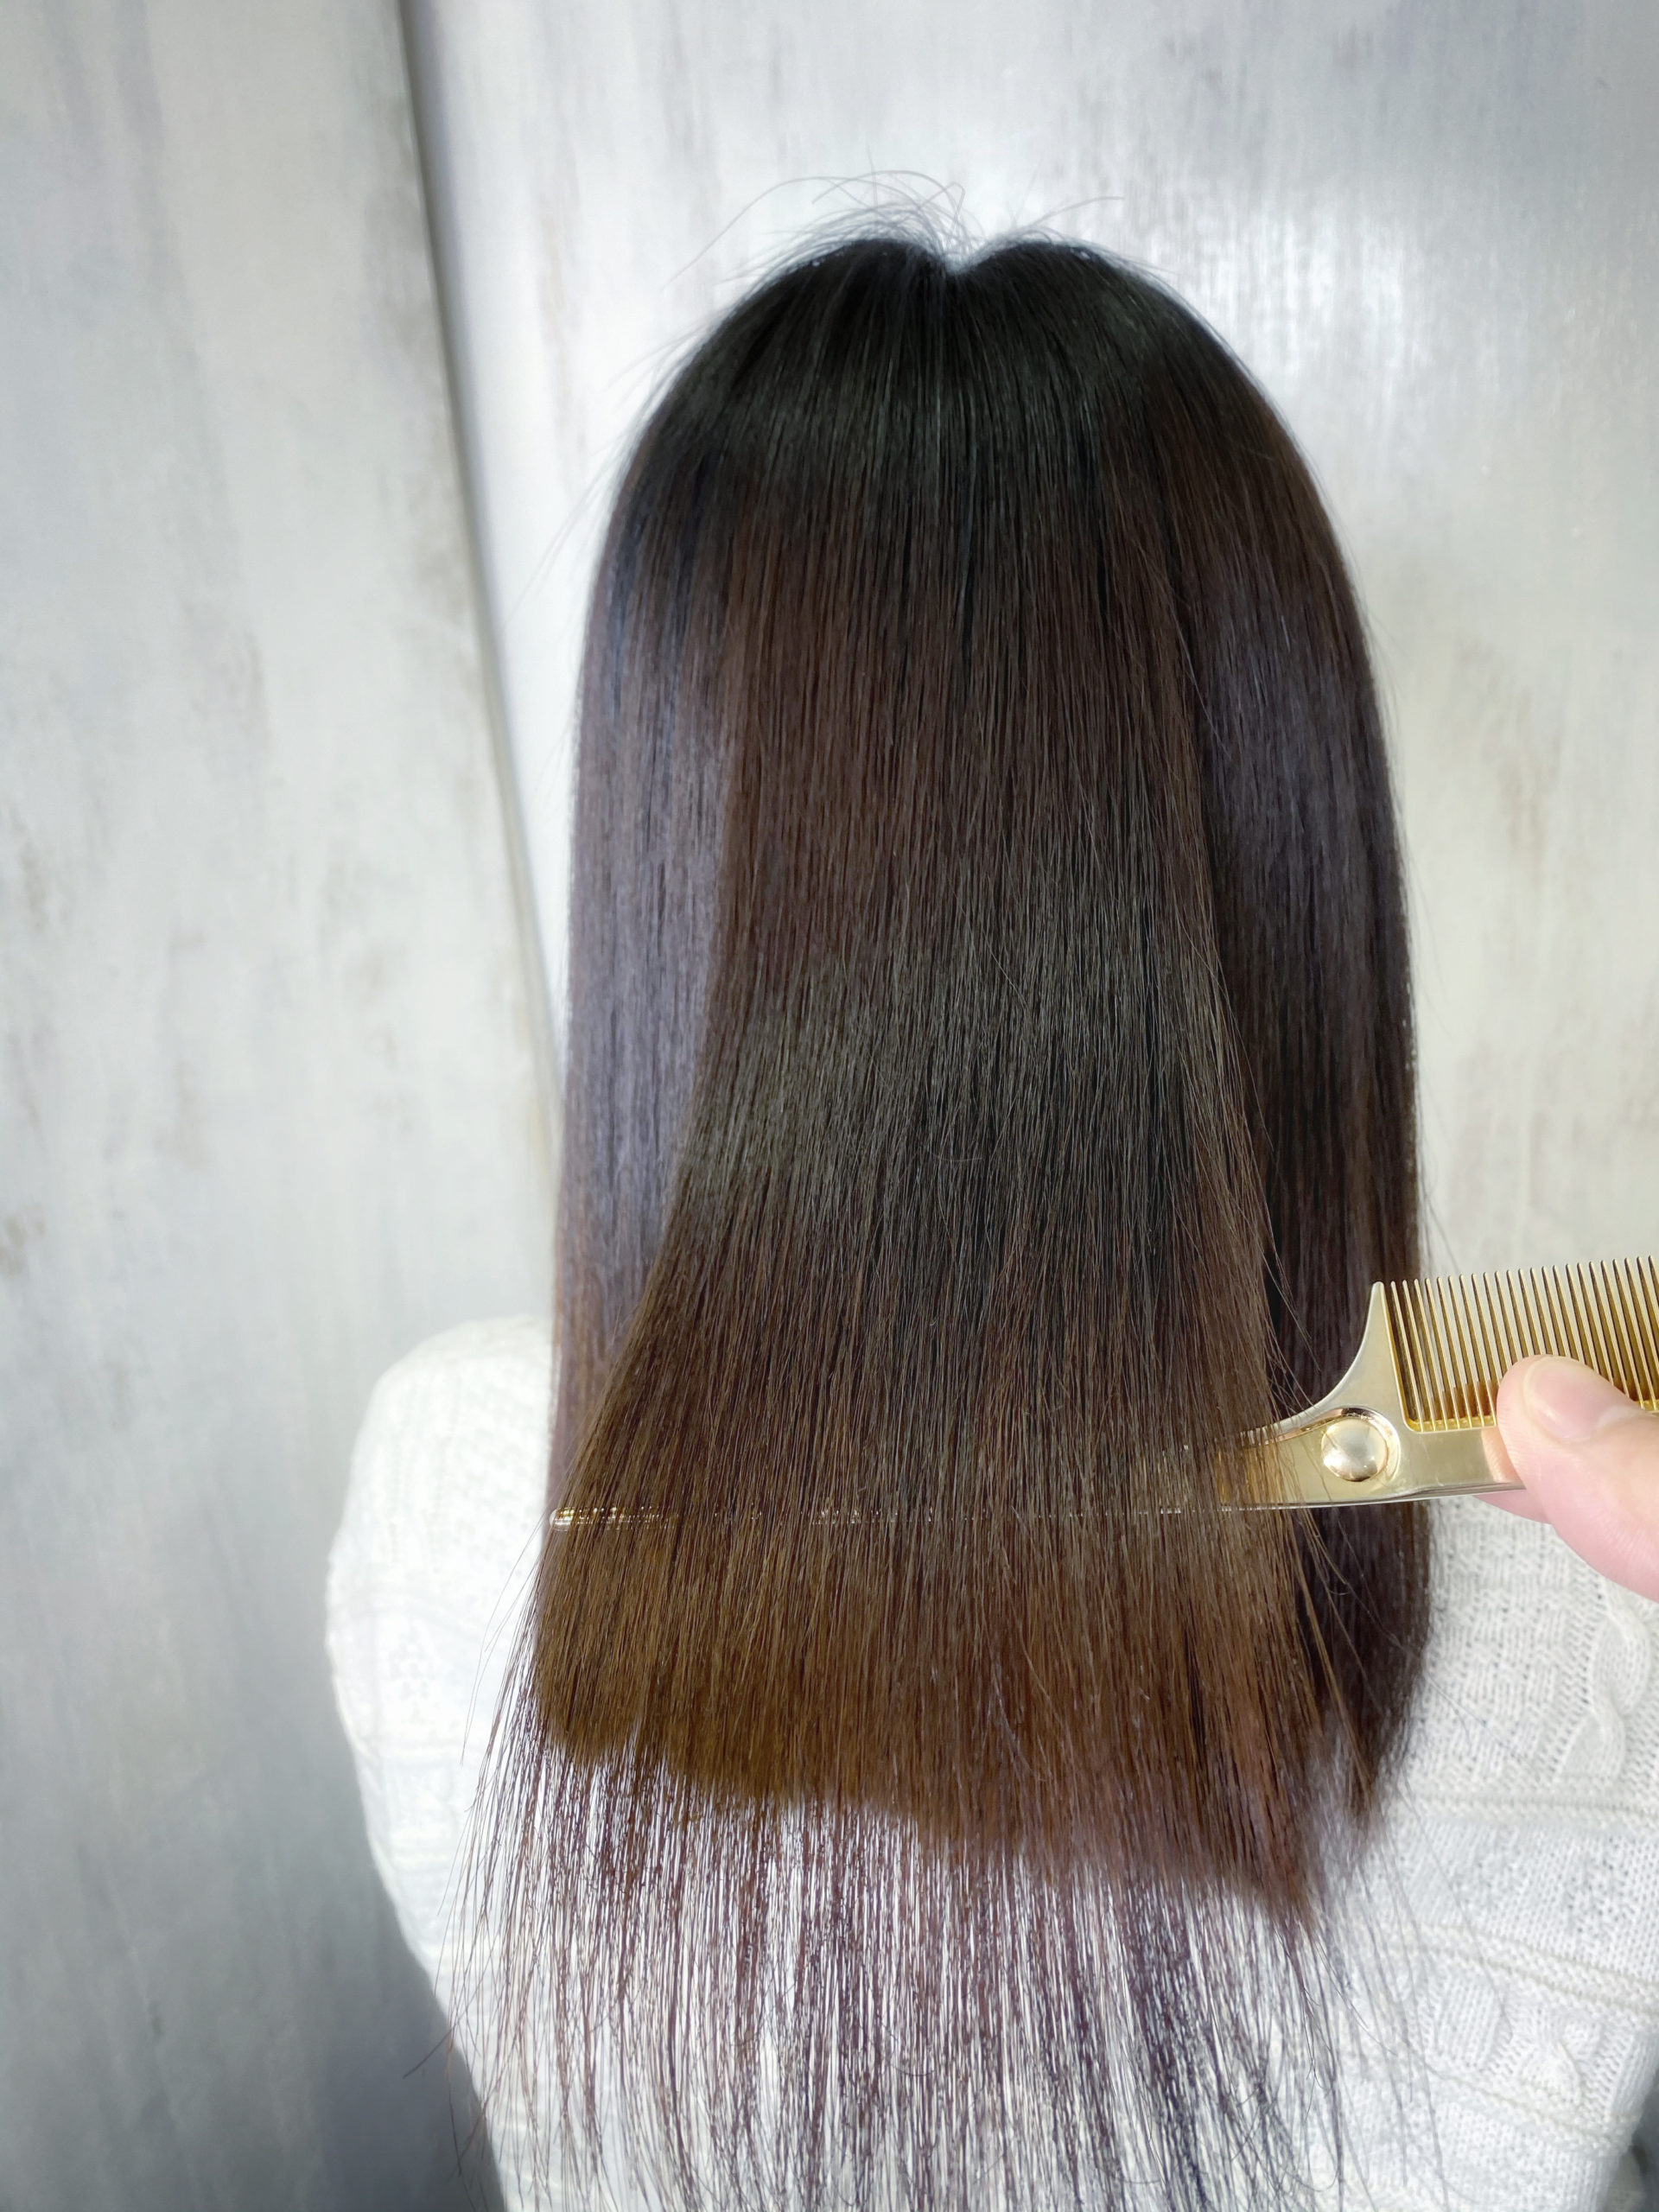 ブリーチとスパイラルパーマをしている髪を【ビビリ矯正】で艶髪。原宿・表参道『髪のお悩みを解決するヘアケア美容師の挑戦』